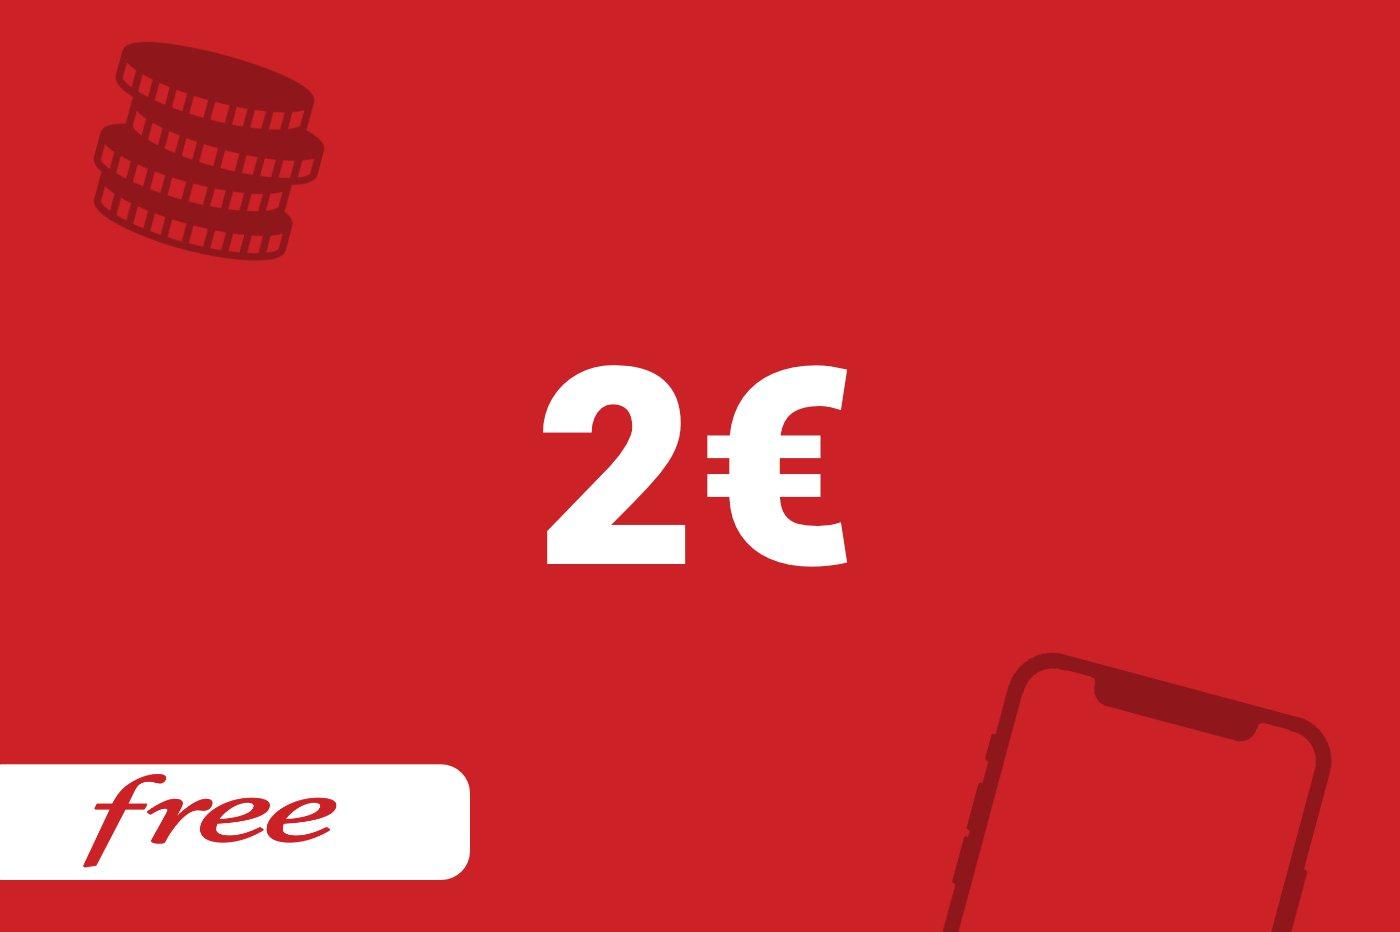 Forfait Free 2€